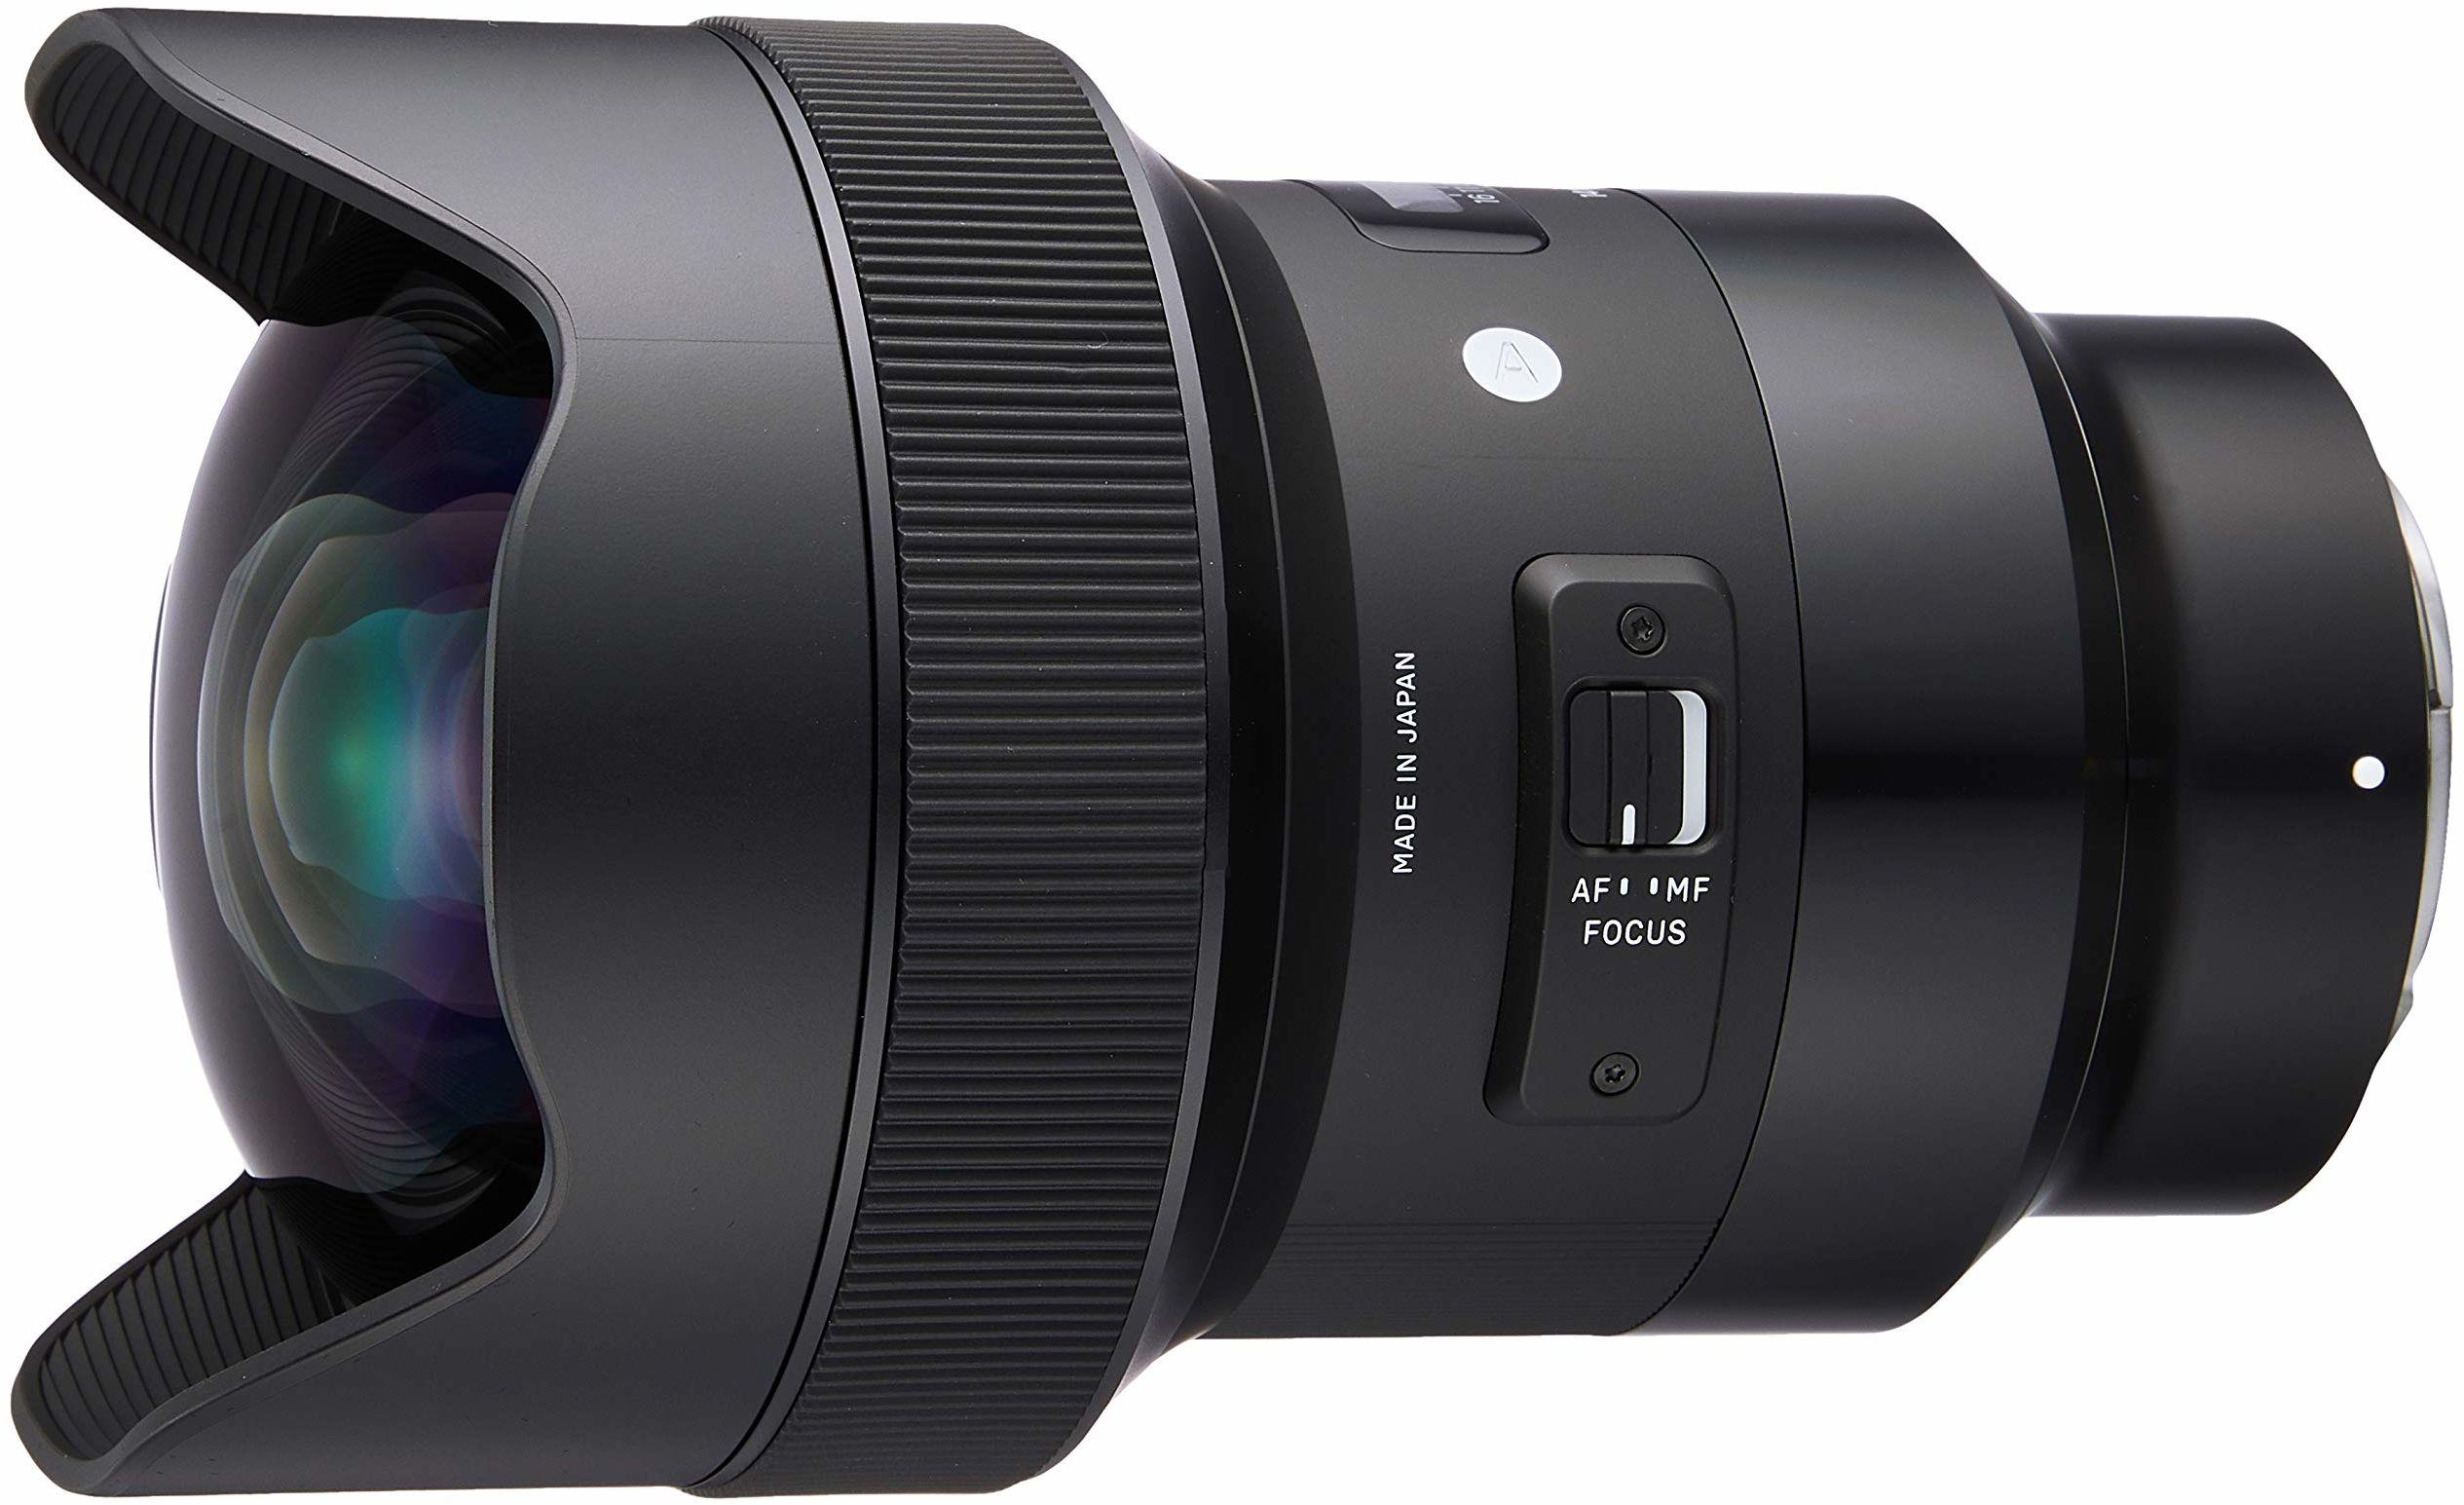 Sigma Obiektyw 14 Mm F1.8 Dg Hsm Mocowanie Sony,450965